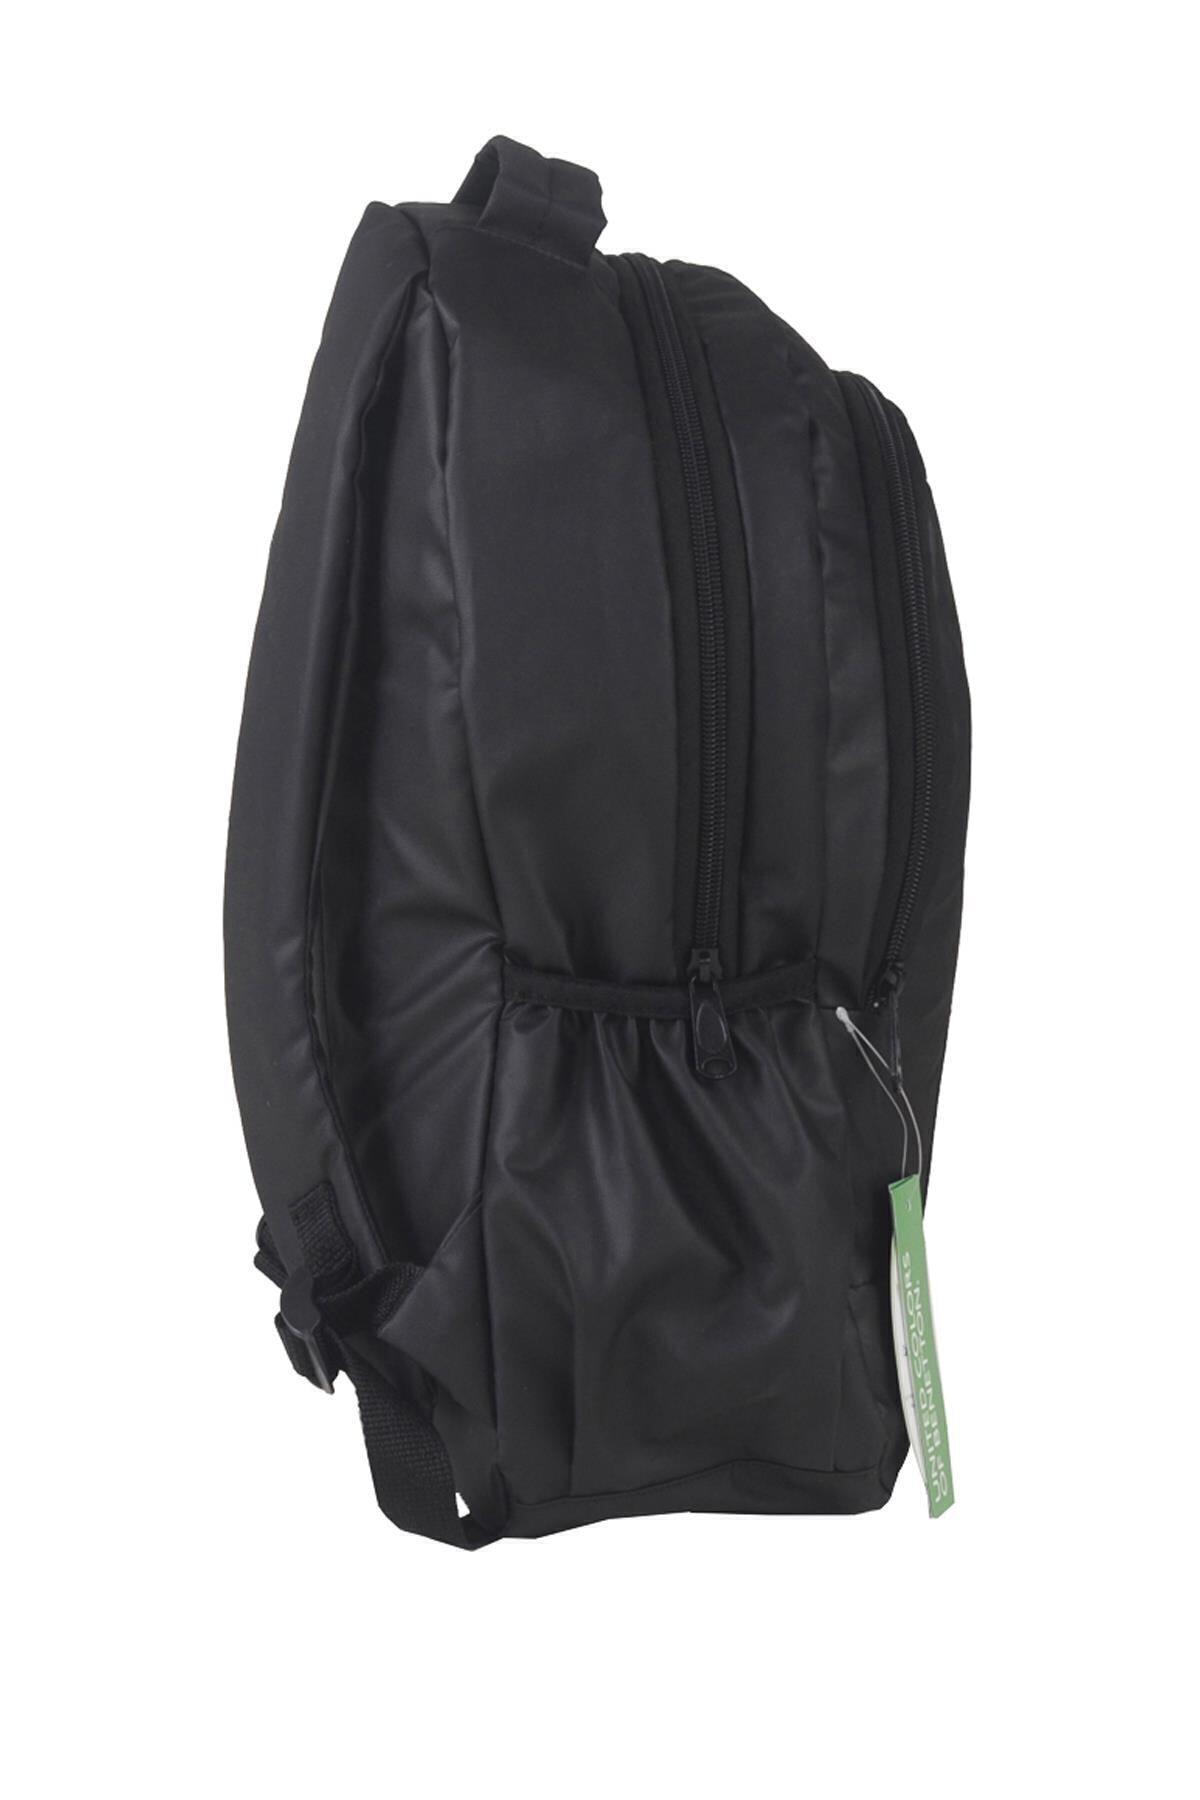 Benetton Unisex Siyah Okul Sırt Çantası 2